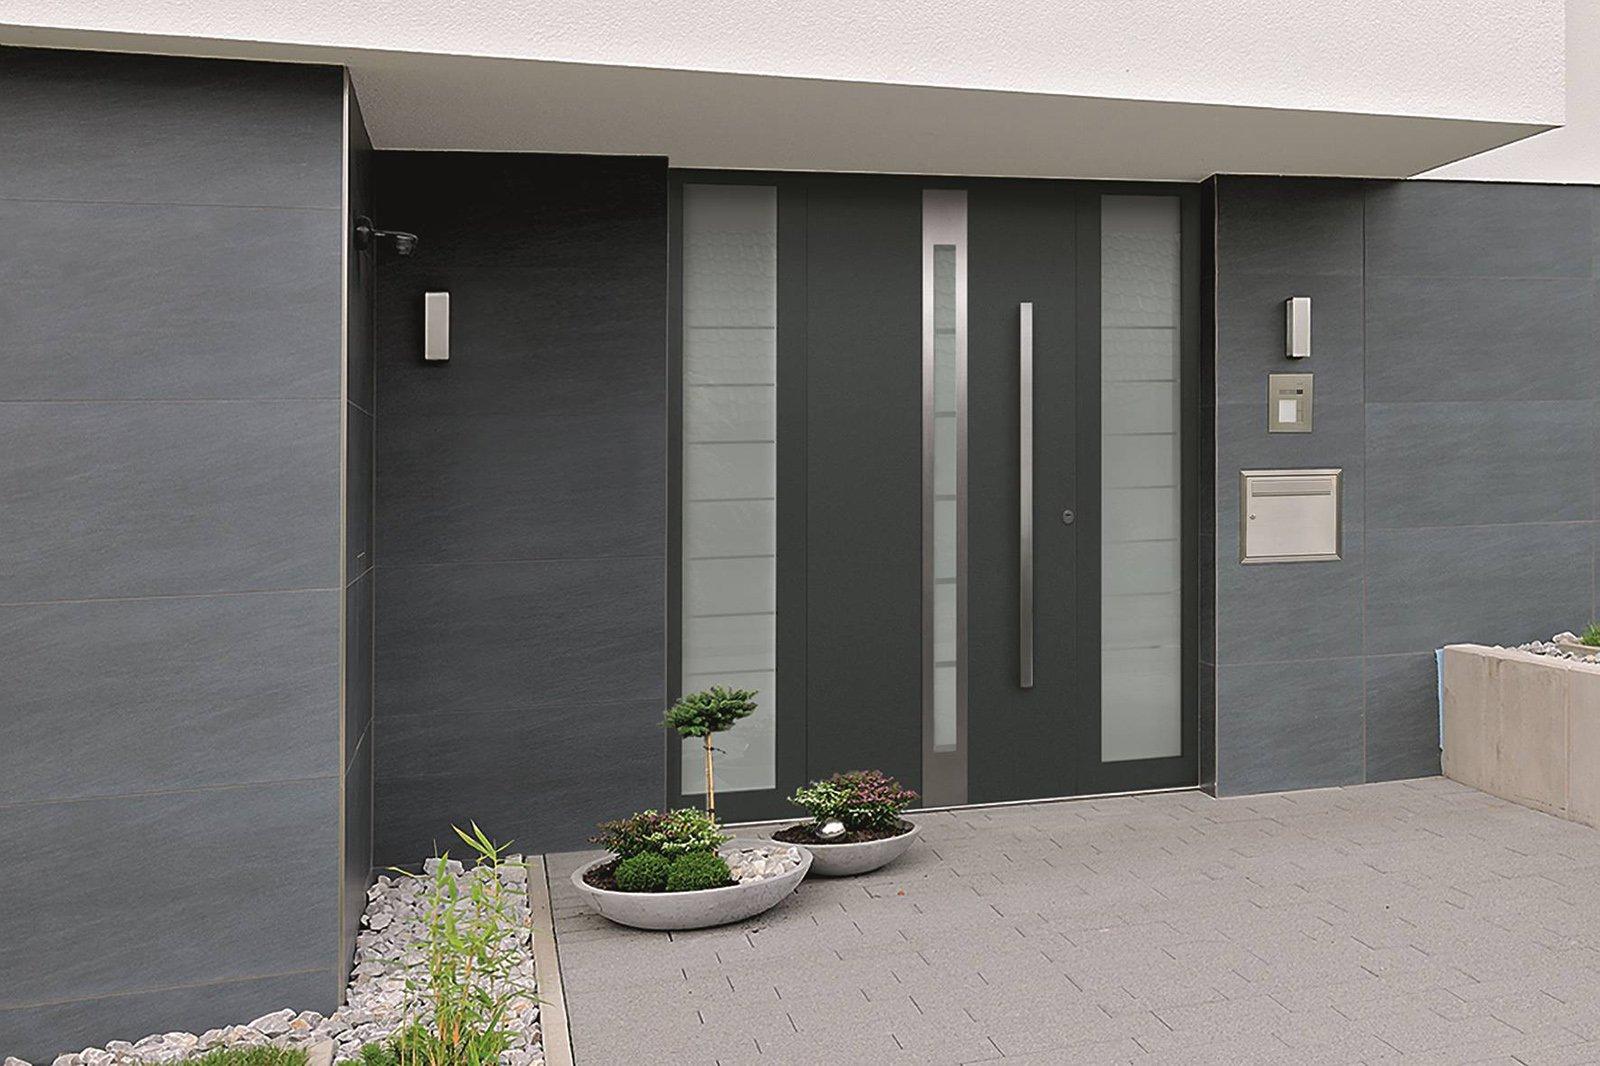 Porte e finestre di sicurezza casa protetta anche durante for Finestre moderne della fattoria